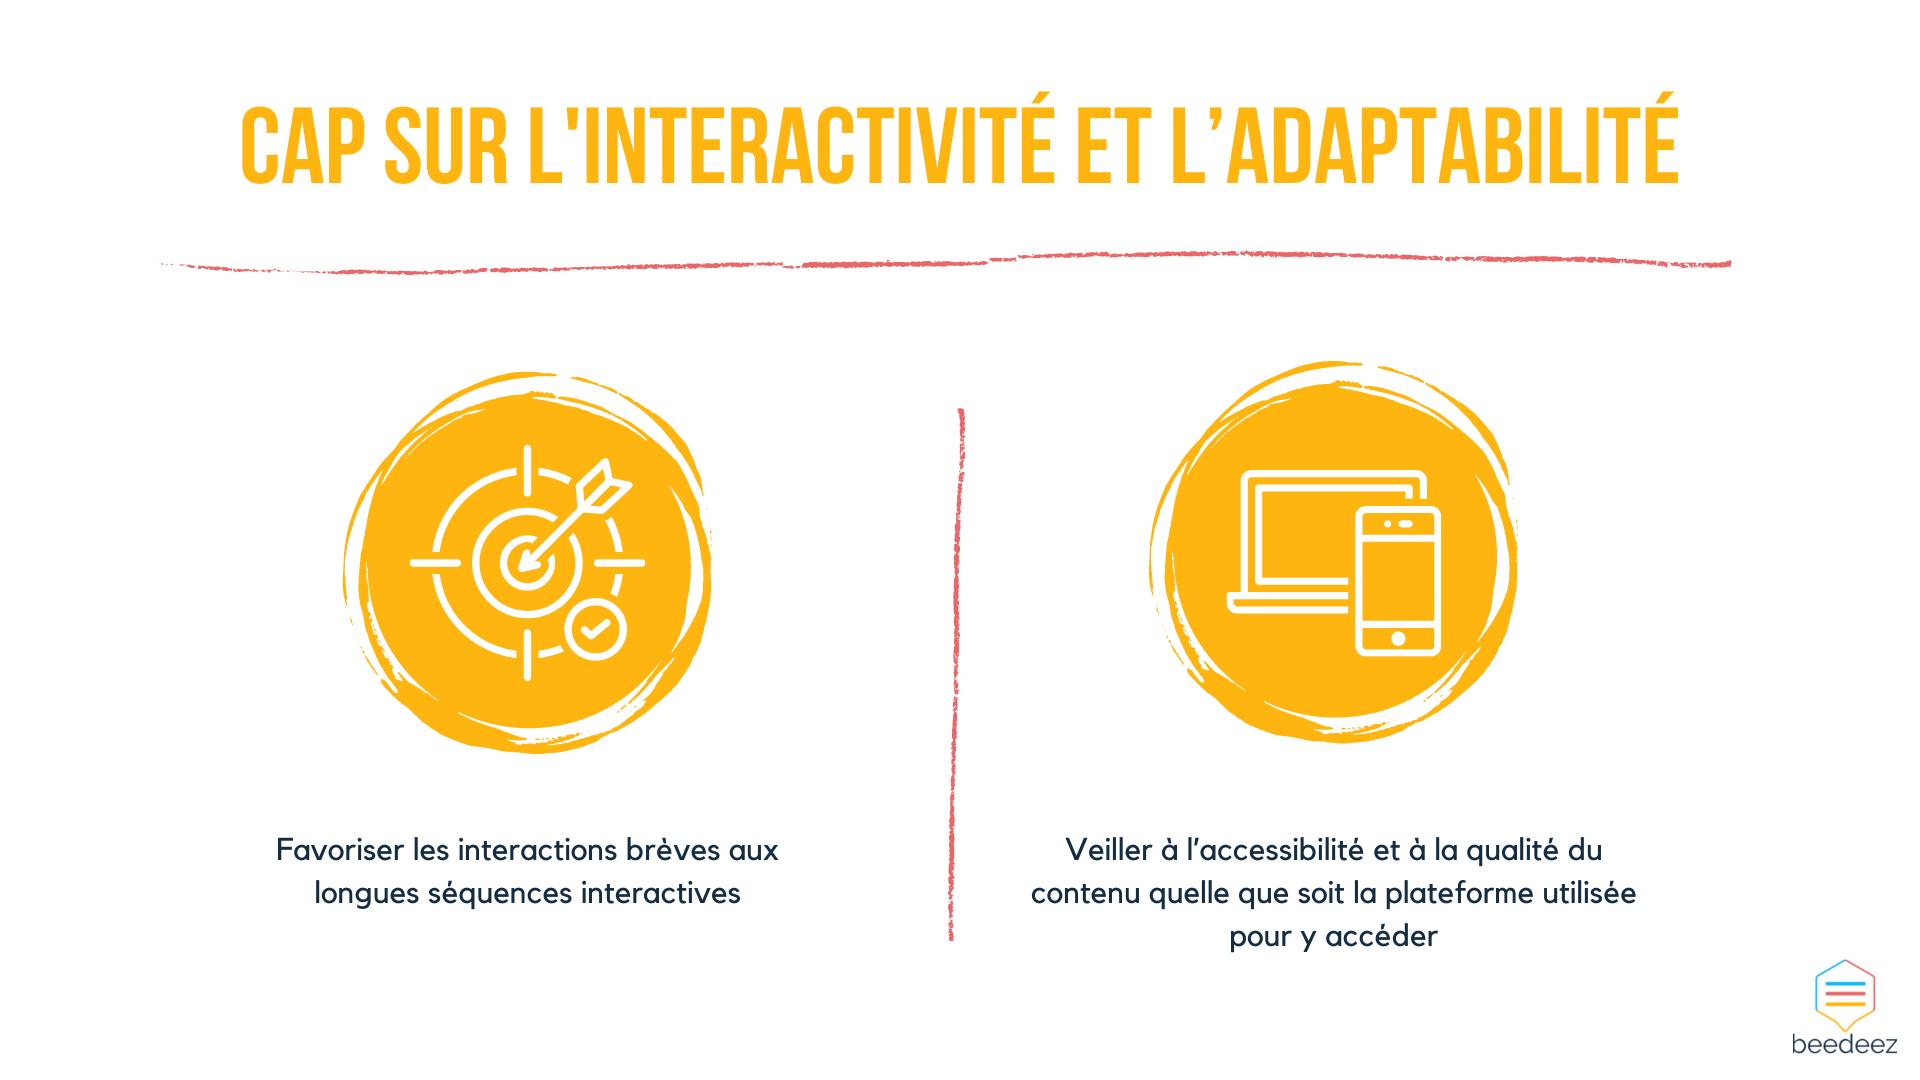 Cap sur linteractivité et l'adaptabilité